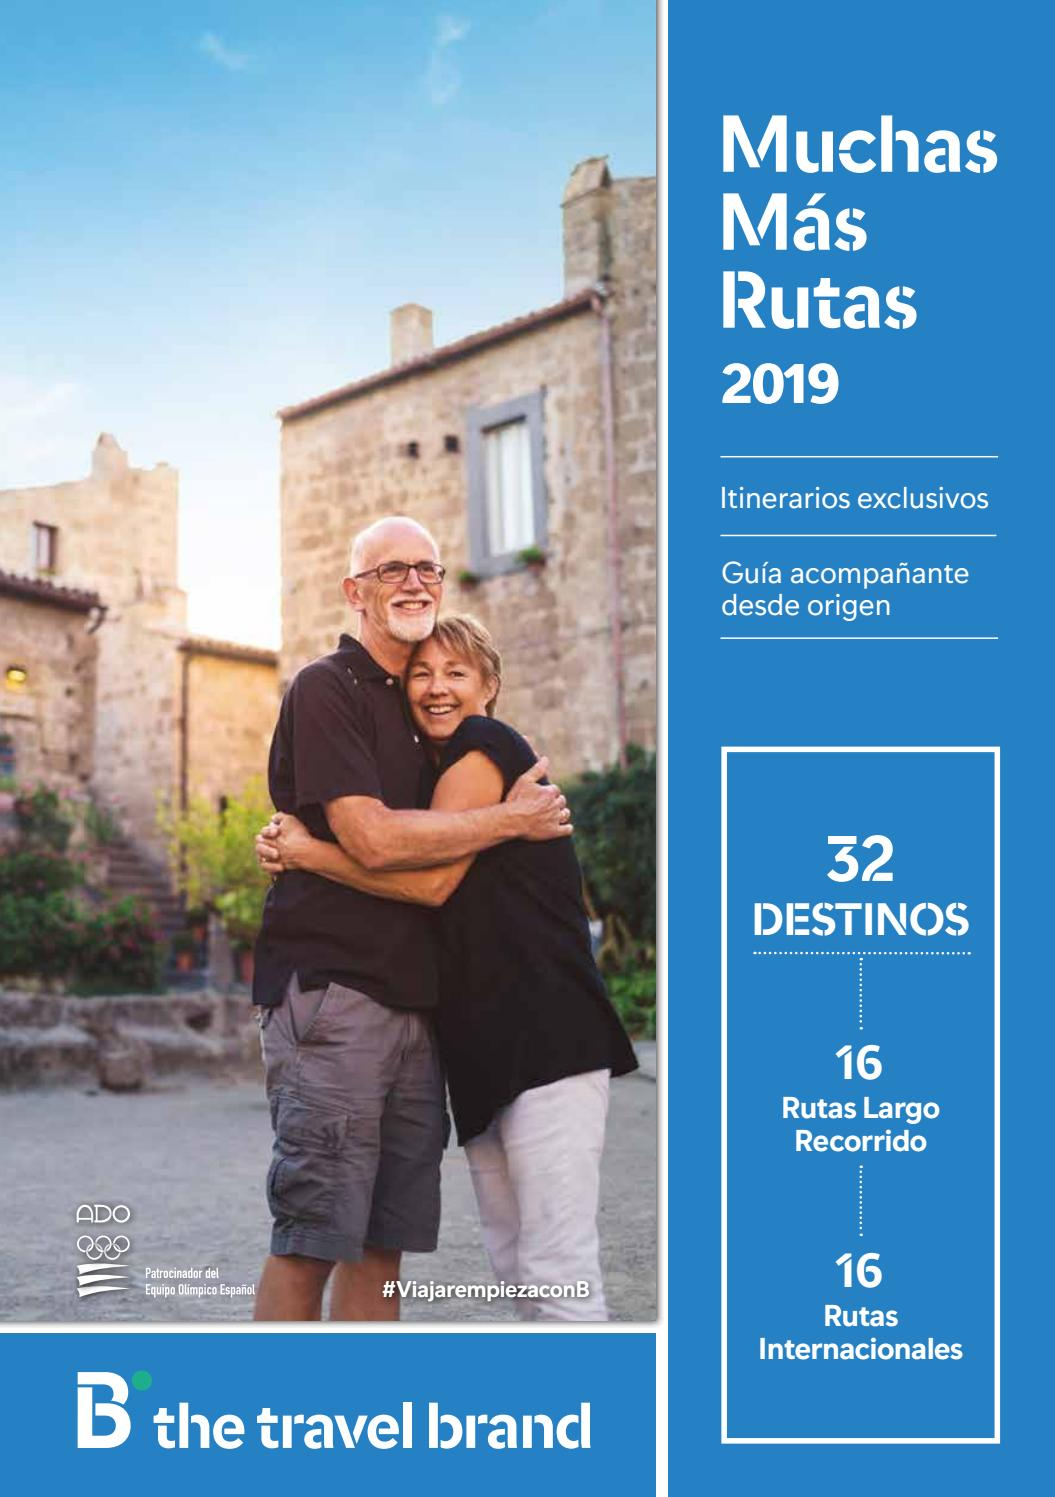 Bttb Más 2019 Issuu Rutas Muchas By Ávoris 4R5AjL